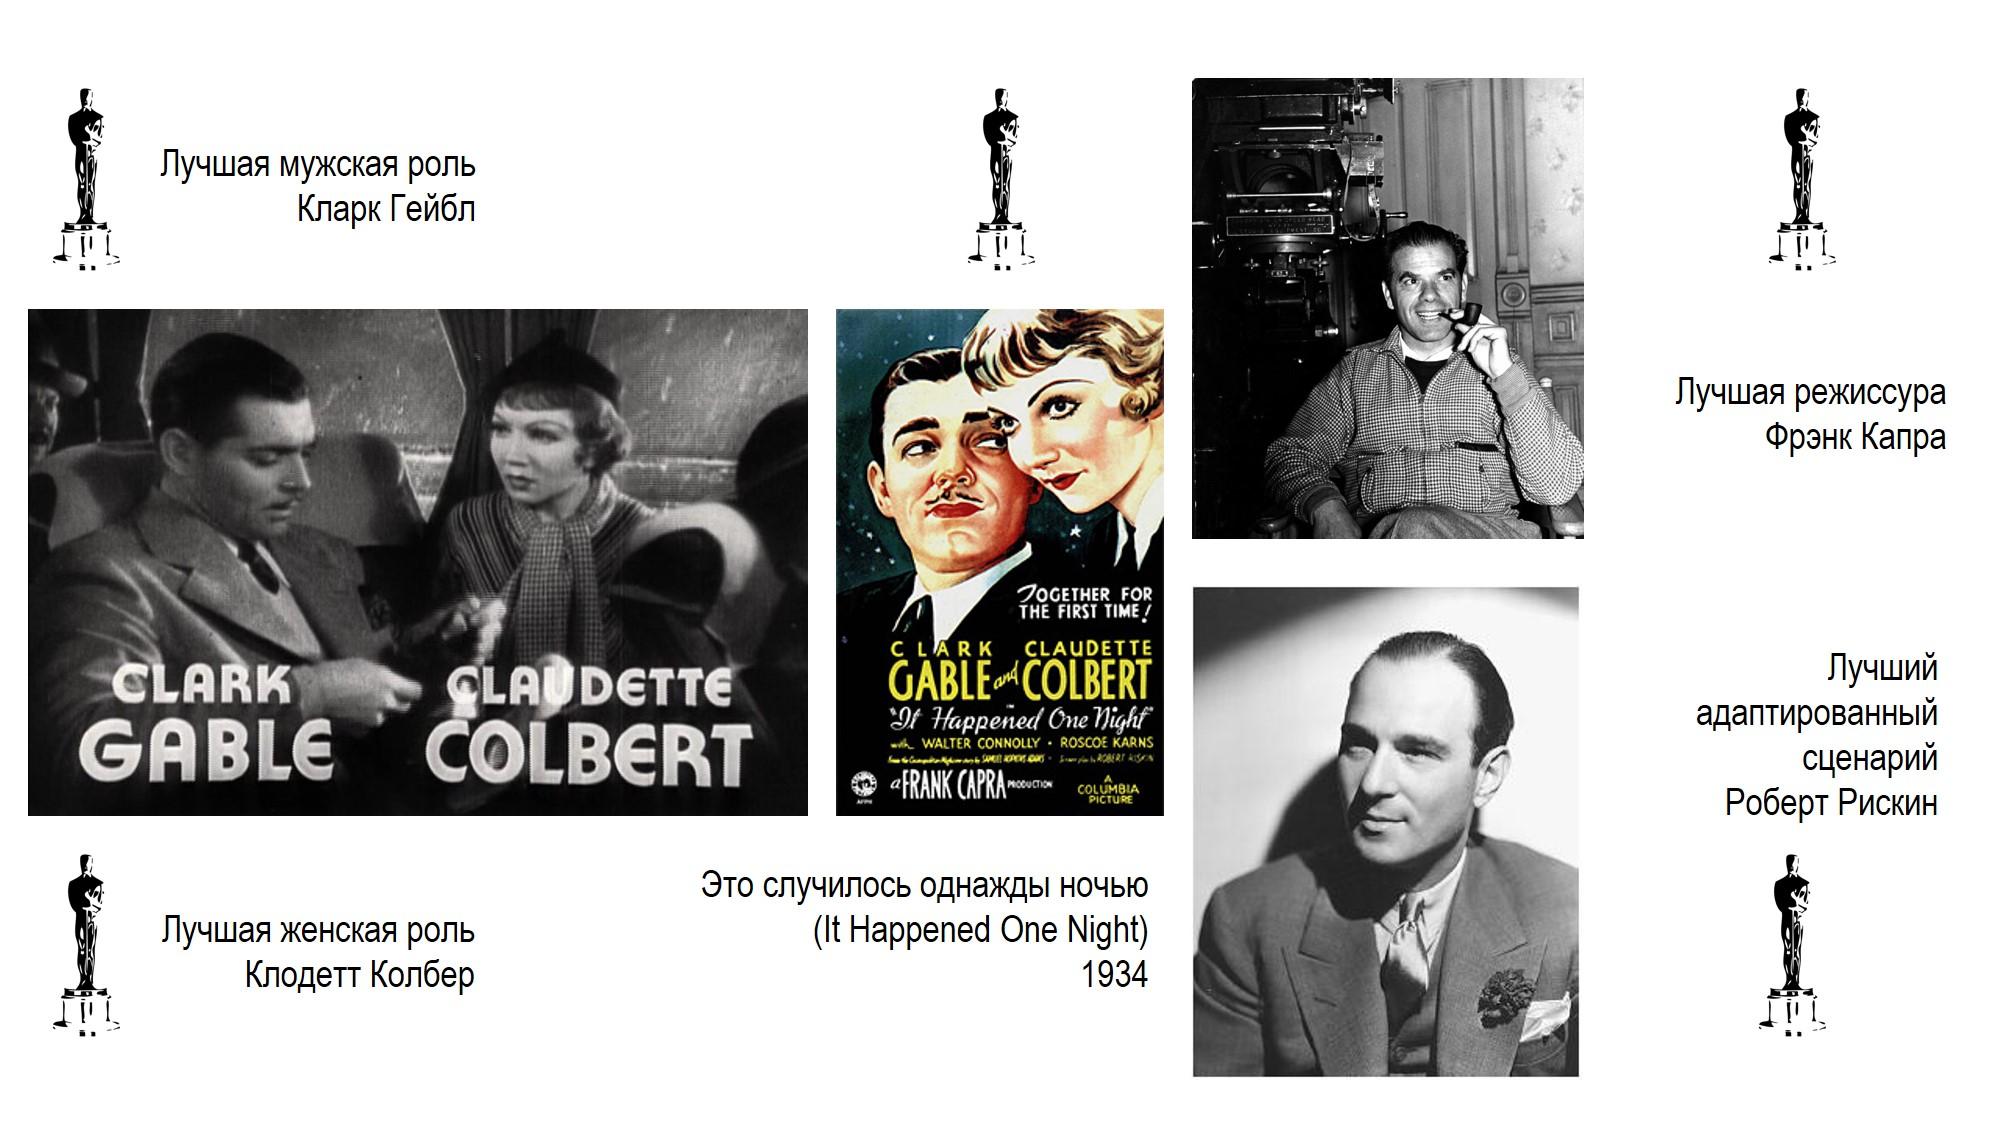 Это случилось однажды ночью Первый фильм большой пятерки 5 Оскаров в главных номинациях